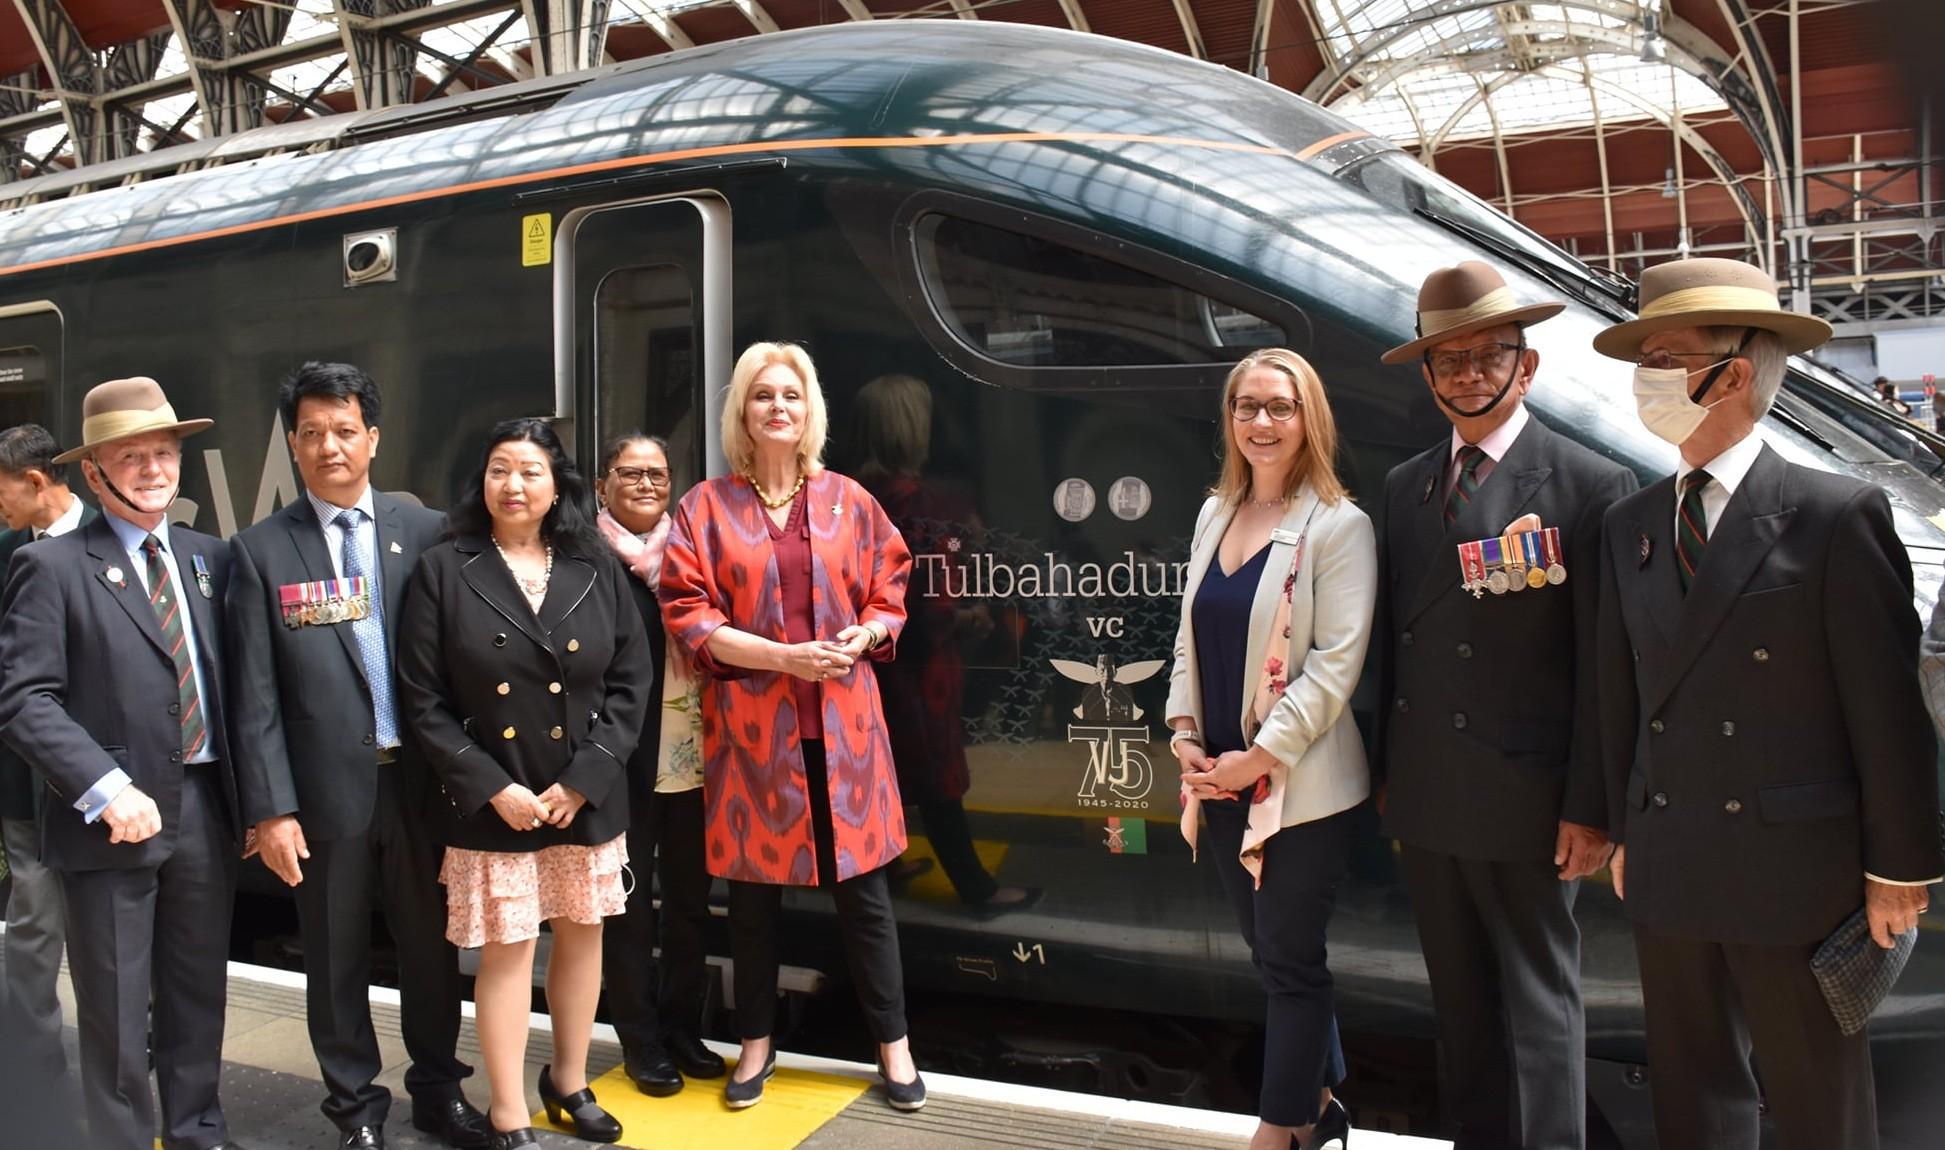 बेलायतमा भिक्टोरिया क्रस प्राप्त तुलबहादुर पुनको नाममा रेलवे सेवा शुरु